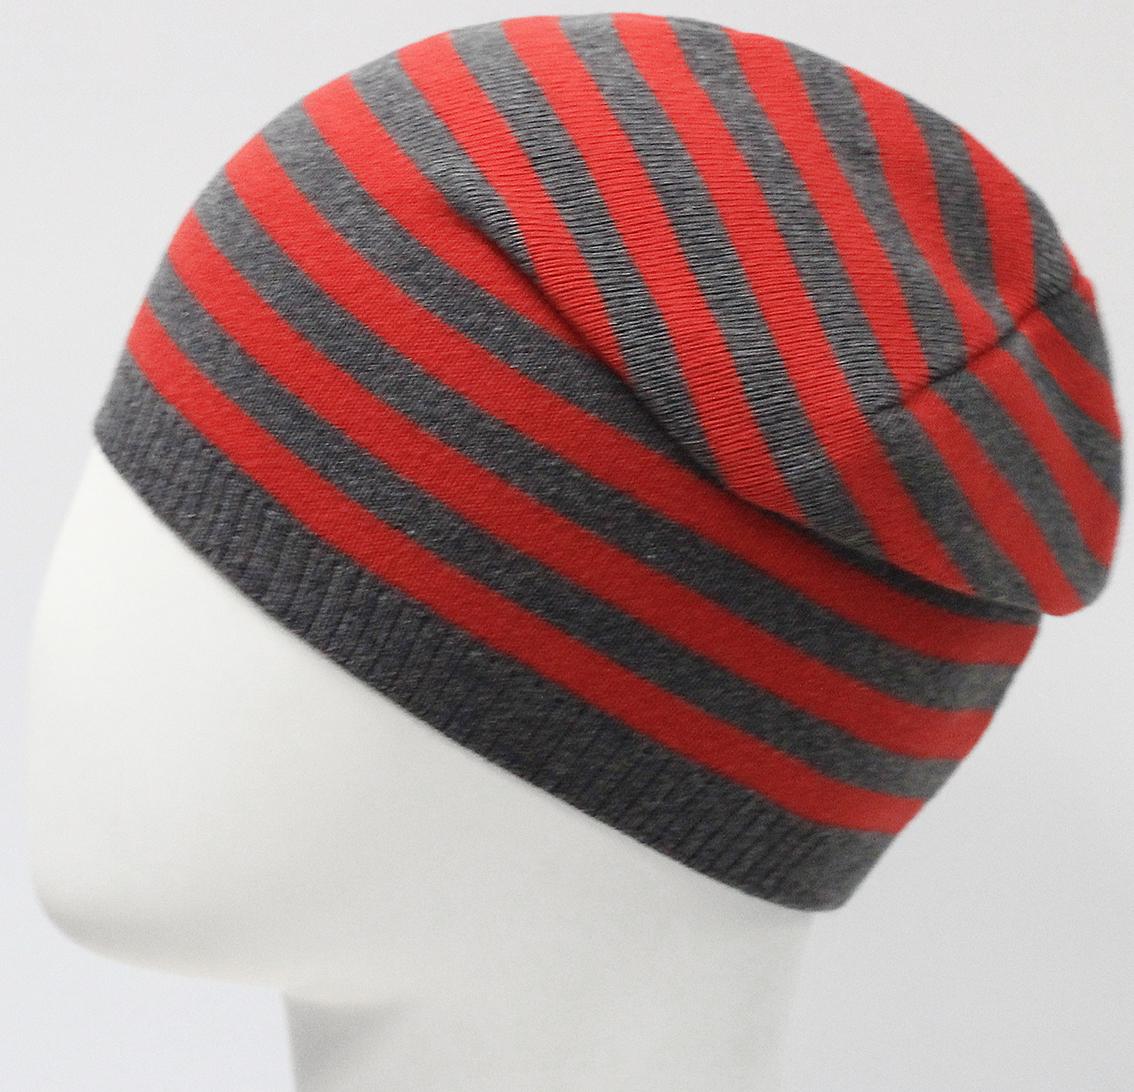 Шапка для мальчика Marhatter, цвет: темно-серый. MBH7533. Размер 50/52MBH7533Хлопковая шапка для мальчиков с контрастным сочетанием полос. Прекрасно подойдет для повседневных прогулок. Размер, доступный для заказа, является обхватом головы.